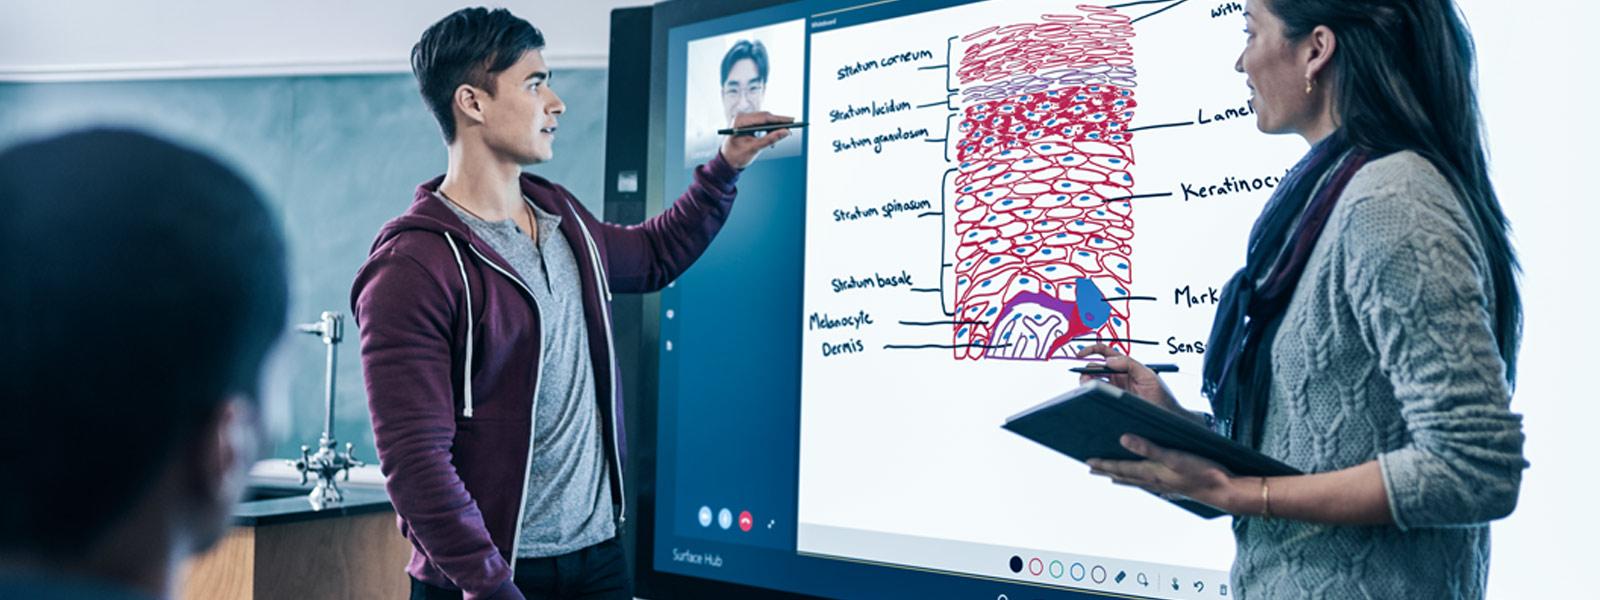 : Två elever använder Surface-penna på en Surface Hub-skärm, och använder Skype och Microsoft Whiteboard, i ett klassrum.